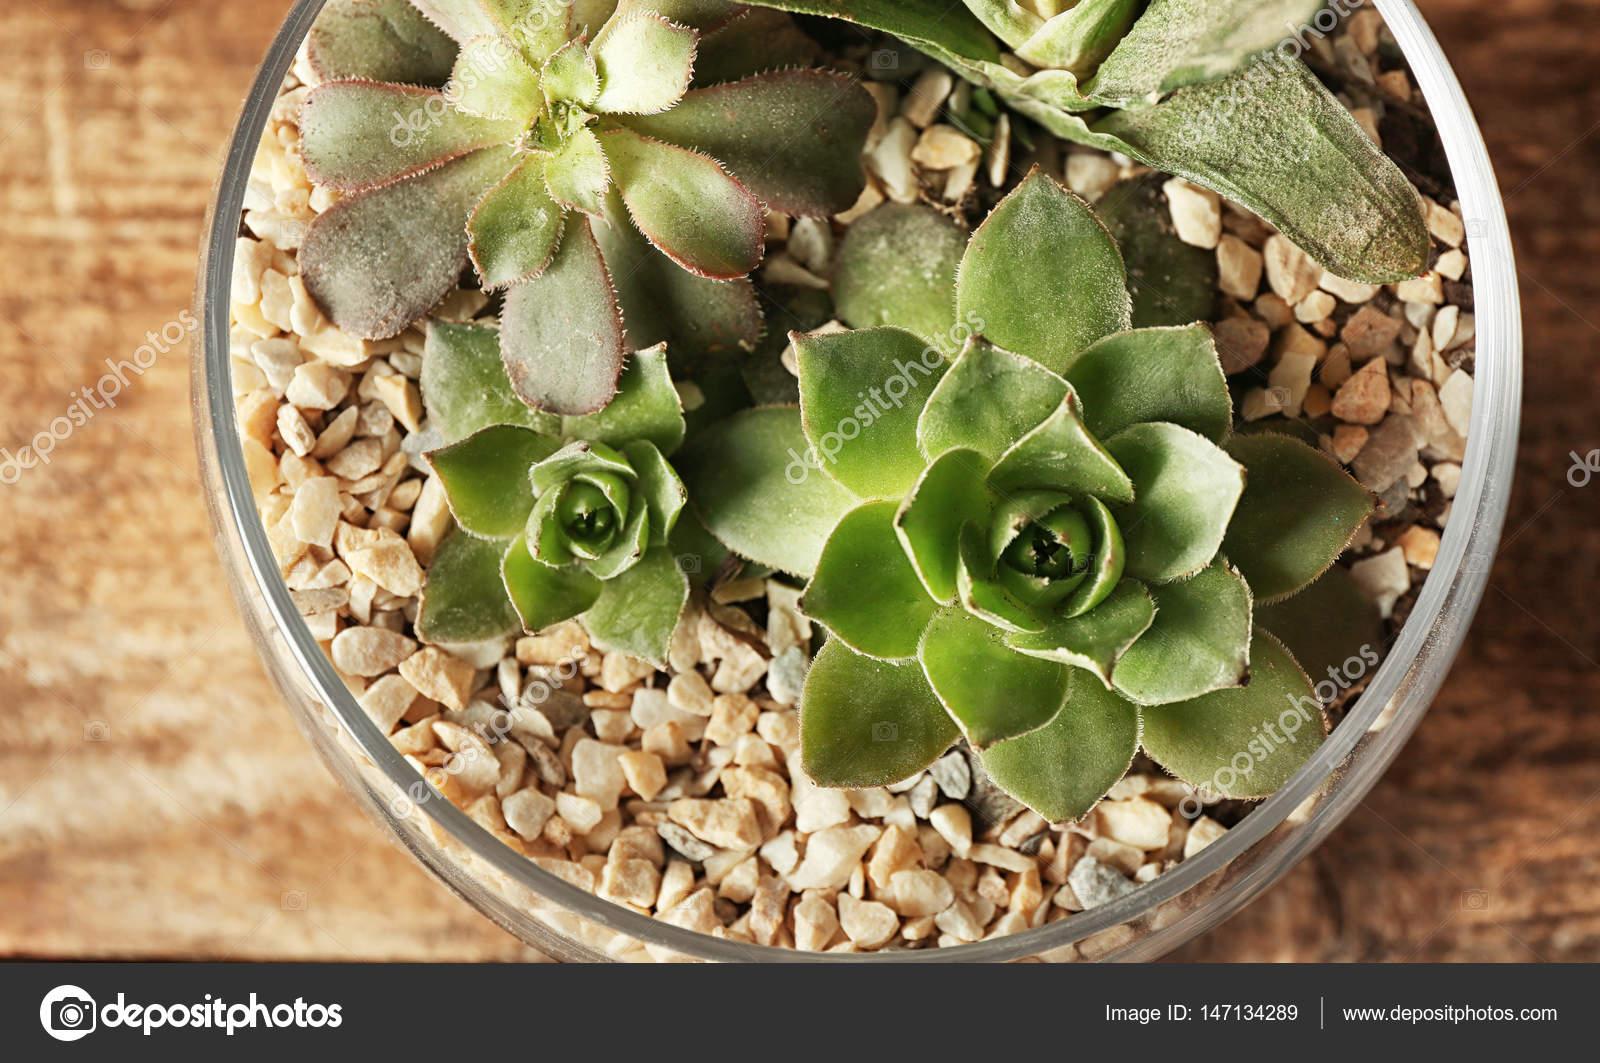 Composizione Piante Grasse In Vaso Di Vetro.Composizione Di Piante Grasse In Vaso Di Vetro Foto Stock